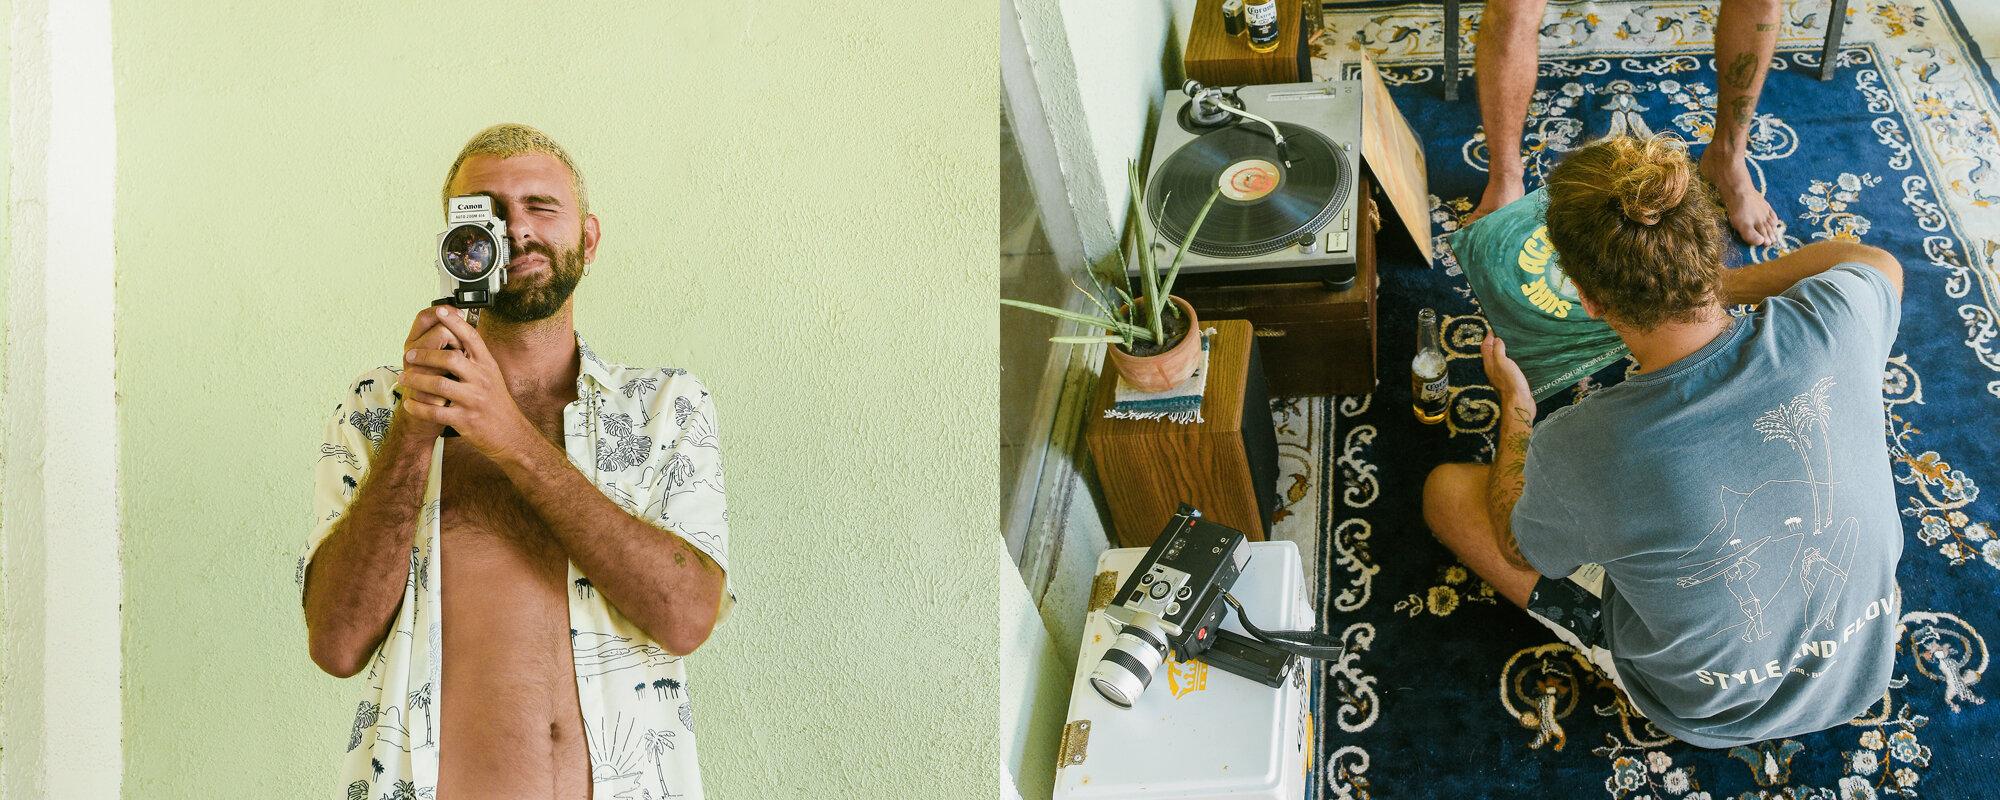 BIRDEN RADIO N.14 - Ouça agora a nova playlist Style and Flow no Spotify